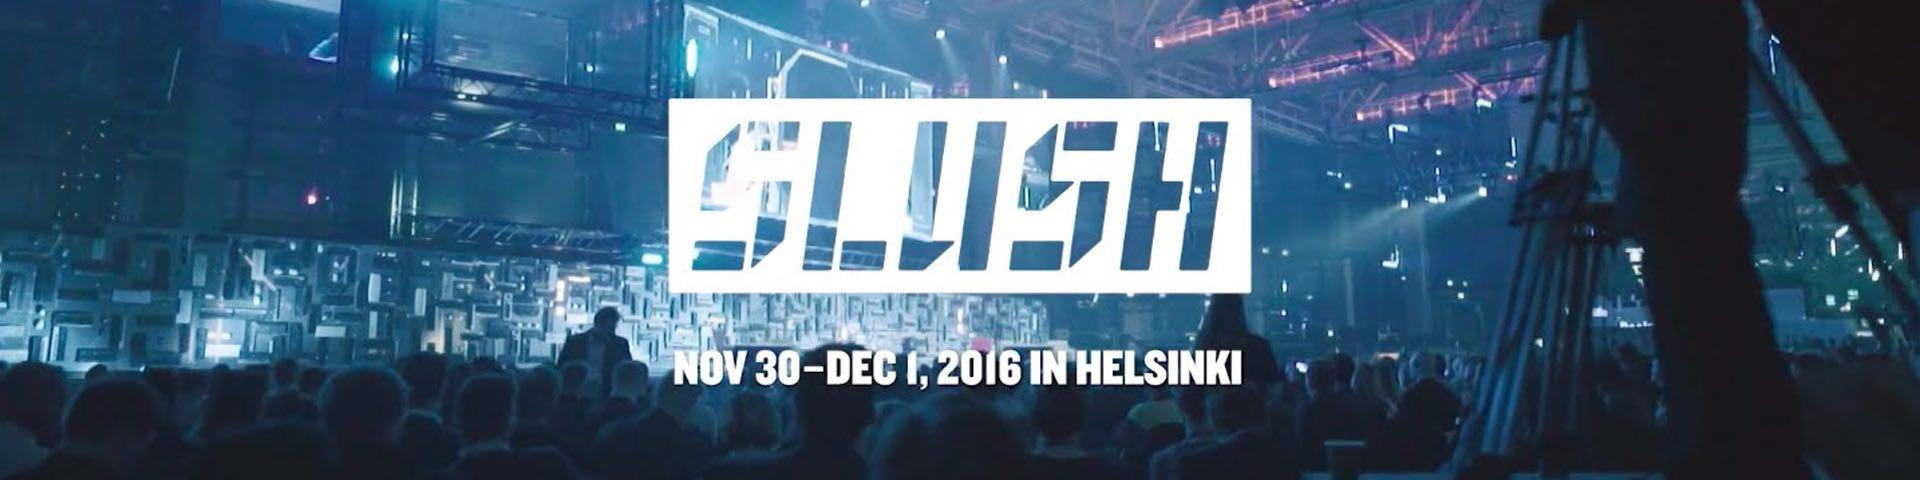 Slush 2016 with Business France